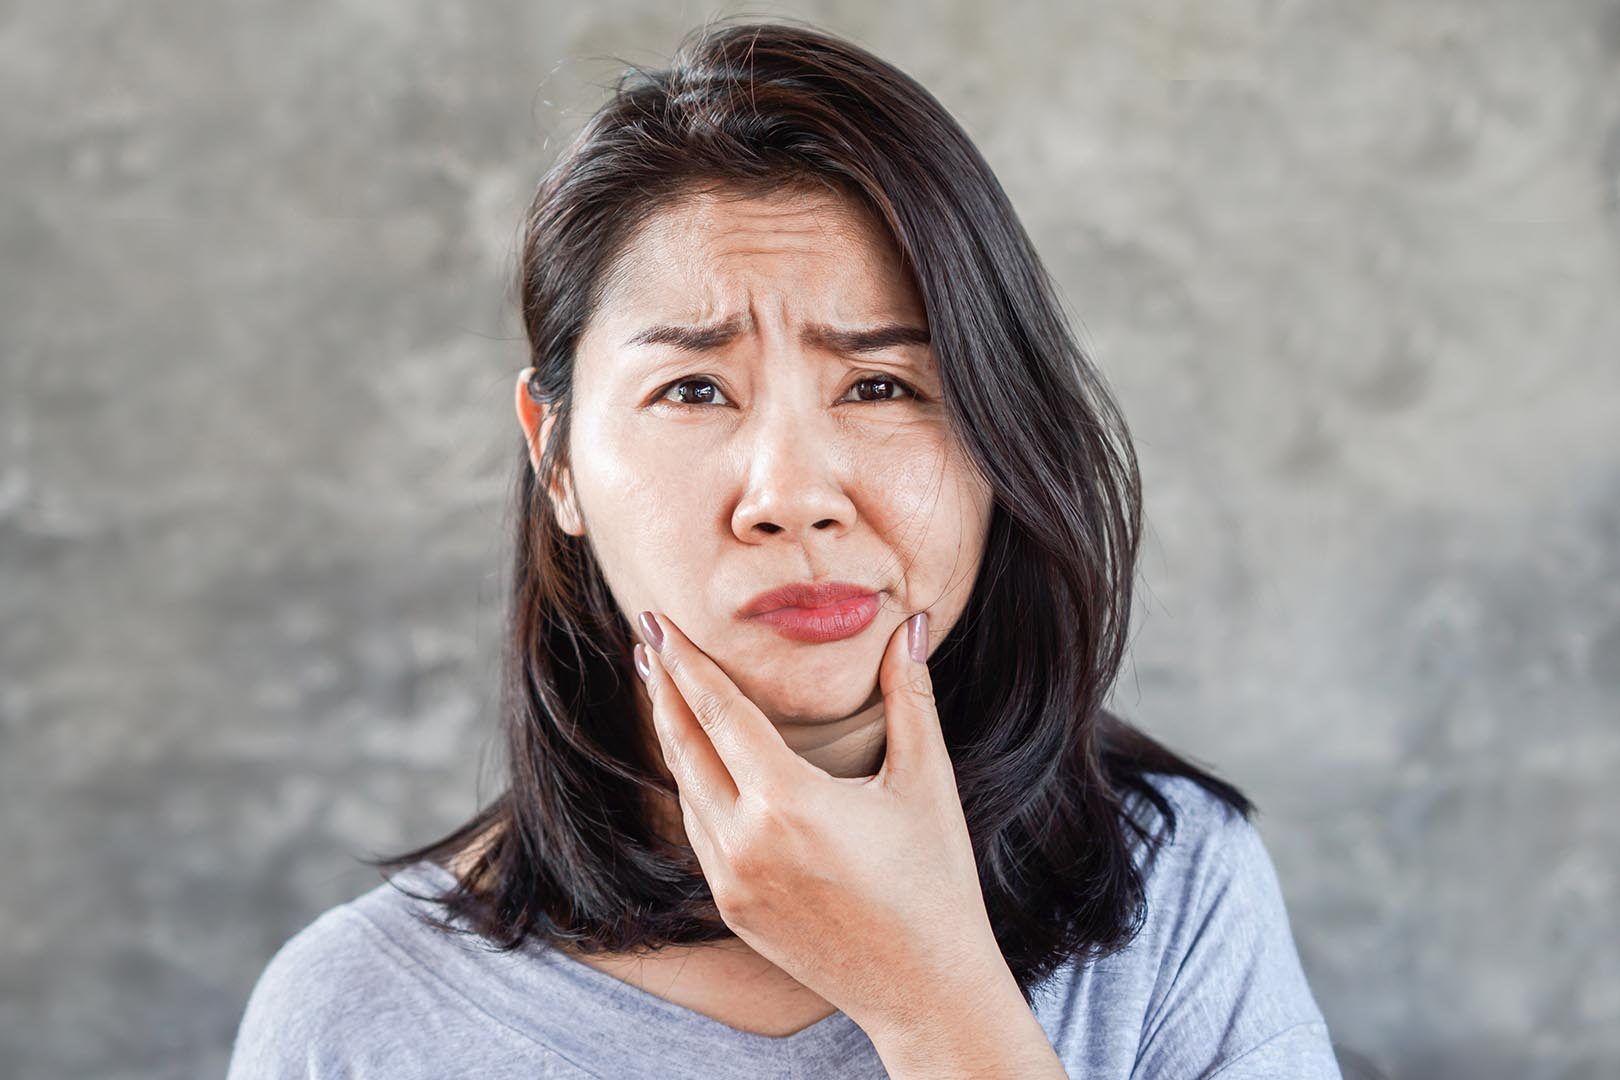 Kelumpuhan wajah melorot atau bell's palsy